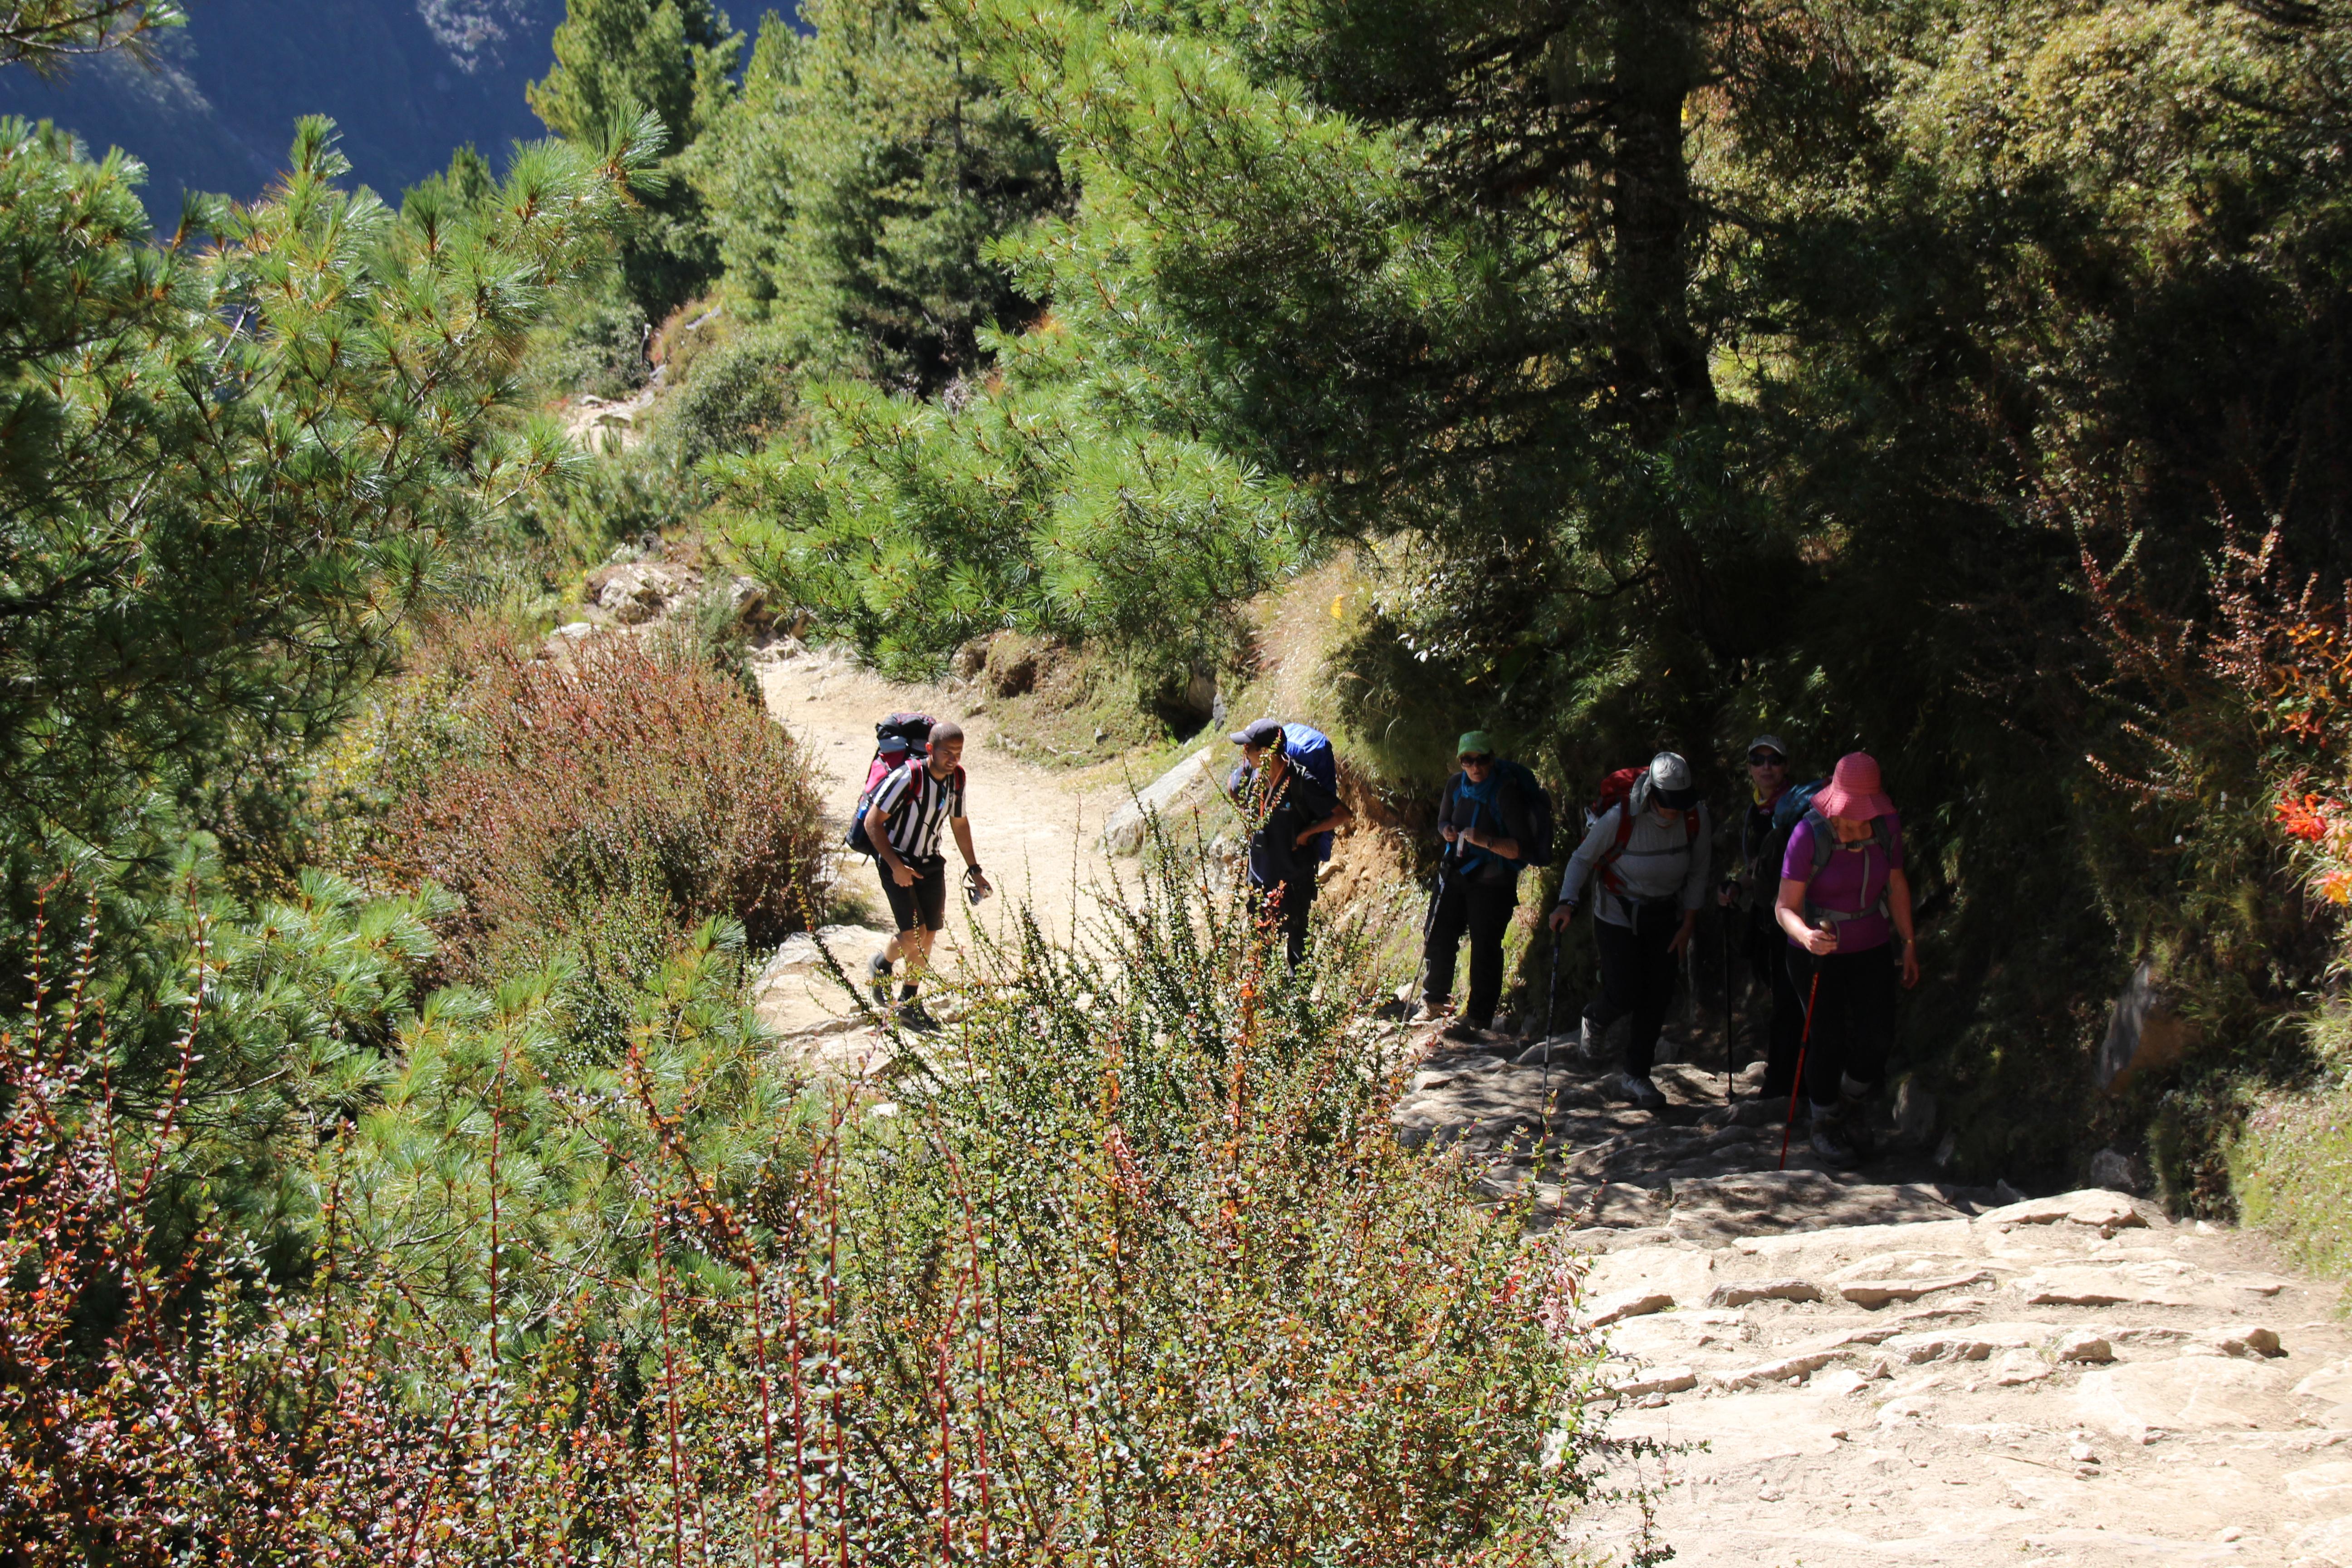 Group Trekking Up a Hill